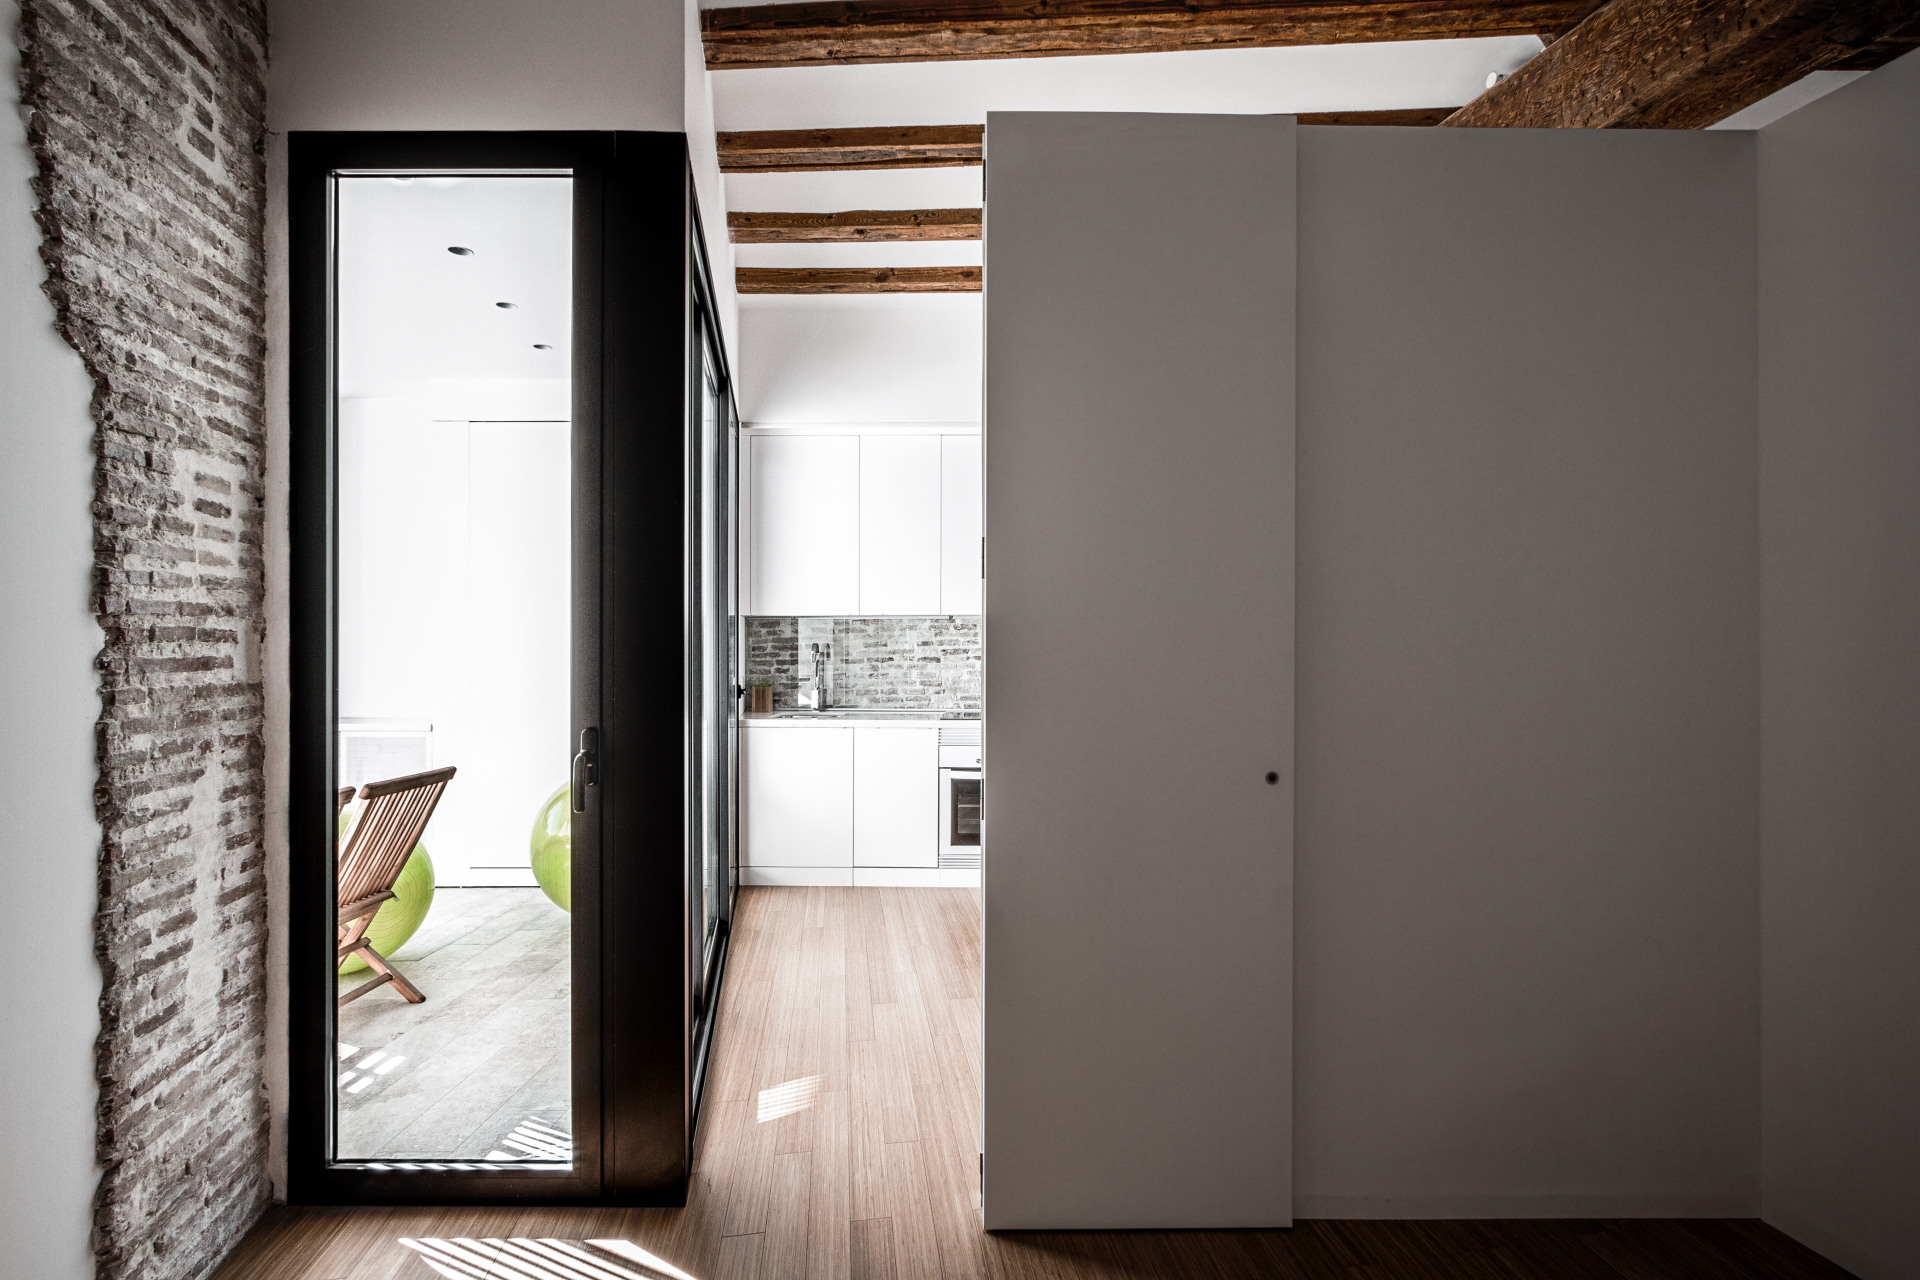 fotografia-arquitectura-valencia-german-cabo-versea-estudio (5)